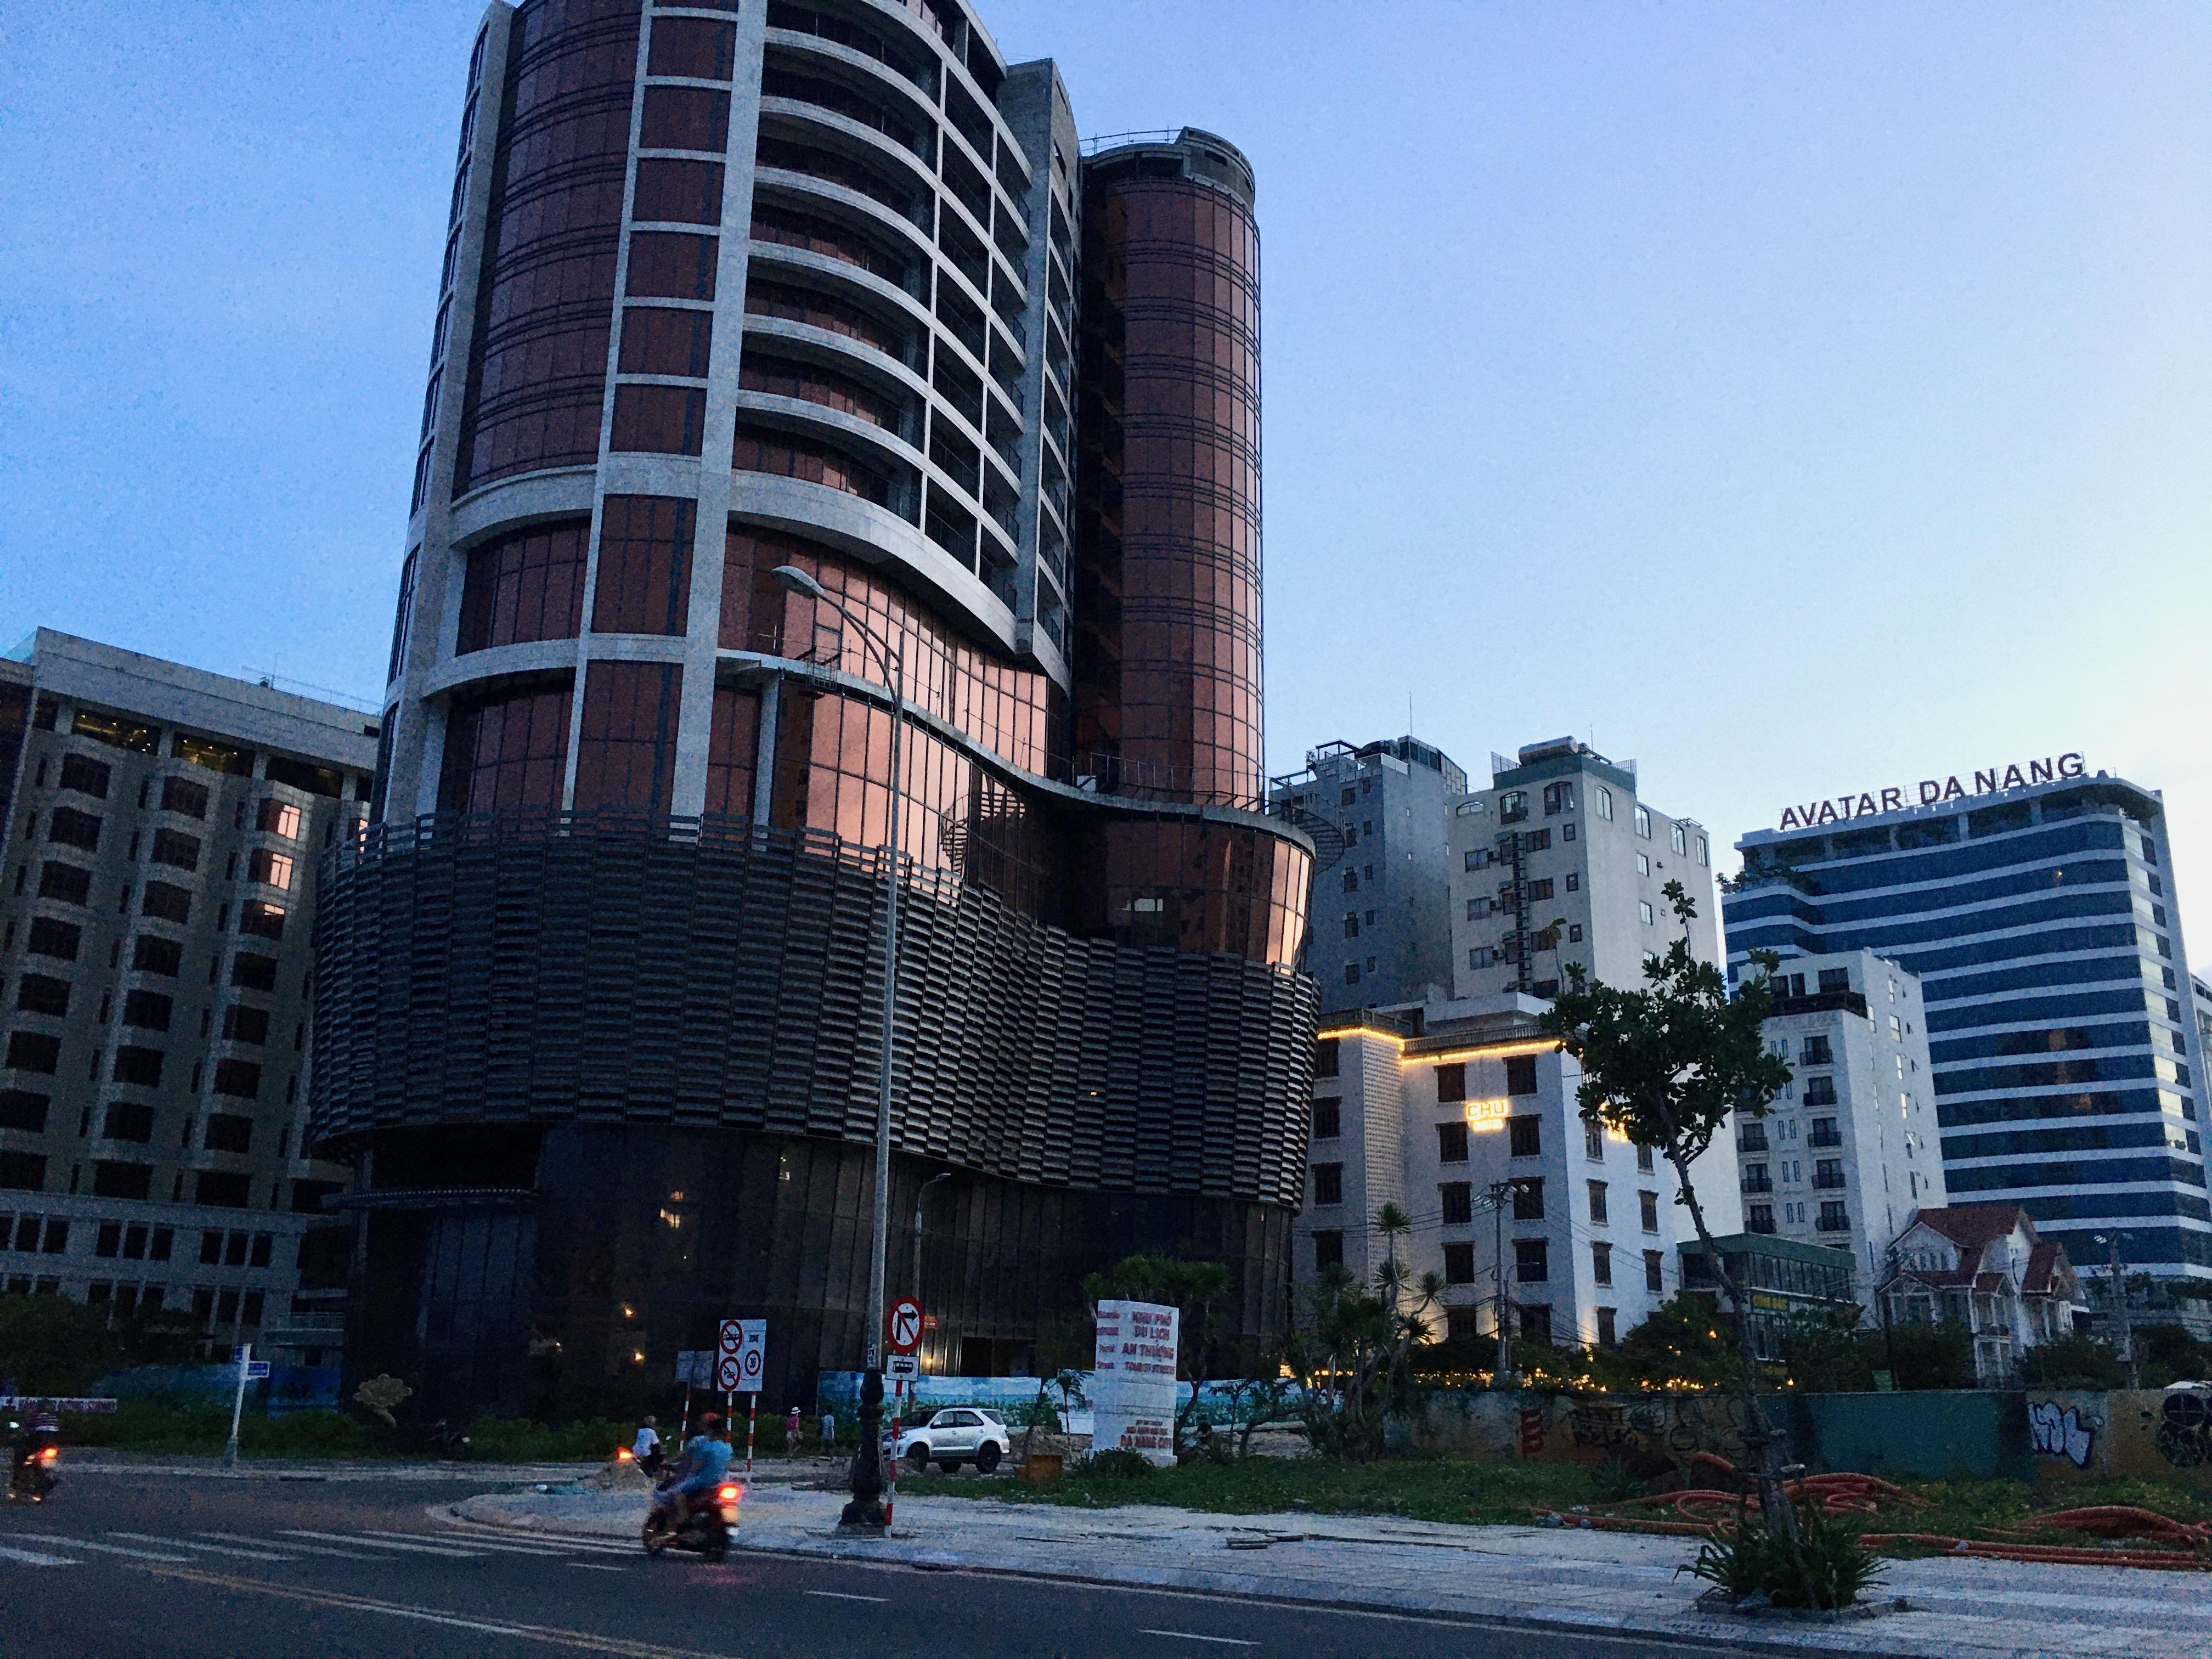 Phố khách sạn Đà Nẵng 'tối đèn', rao bán hàng trăm tỉ đồng - Ảnh 6.